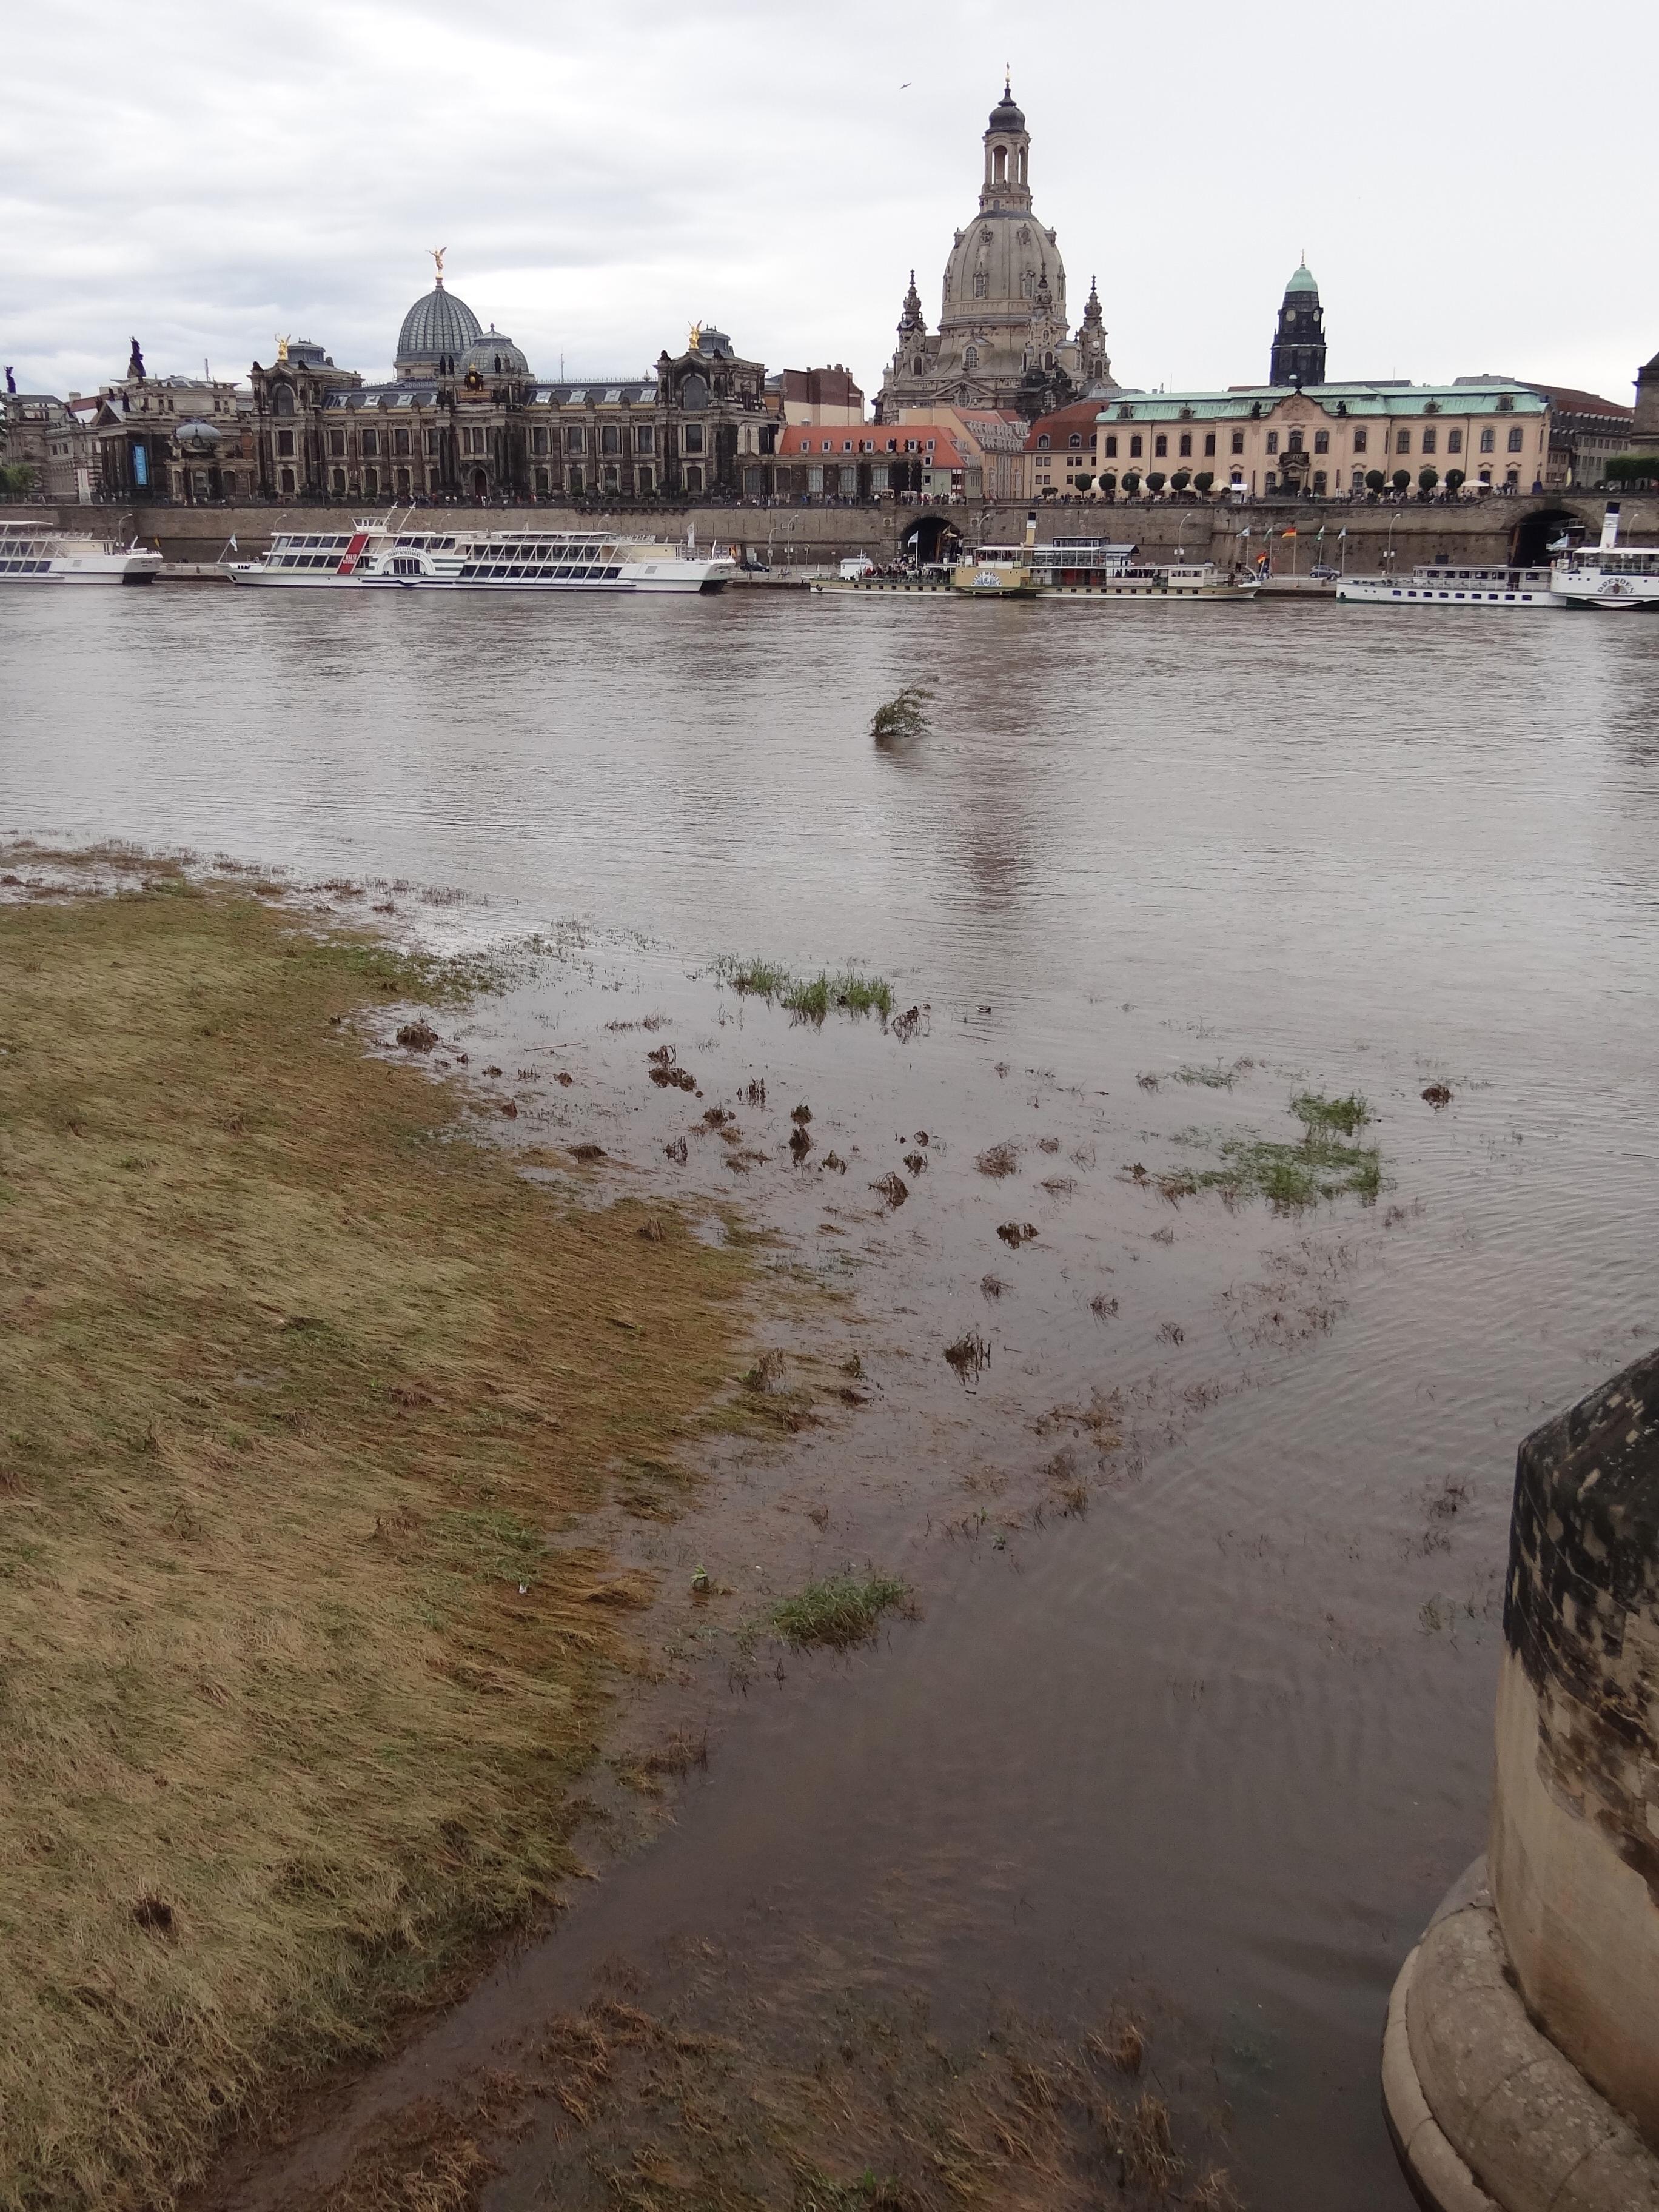 Verzauberkunst Skyline Dresden Galerie Von File:view Over Flooded River Elbe With -